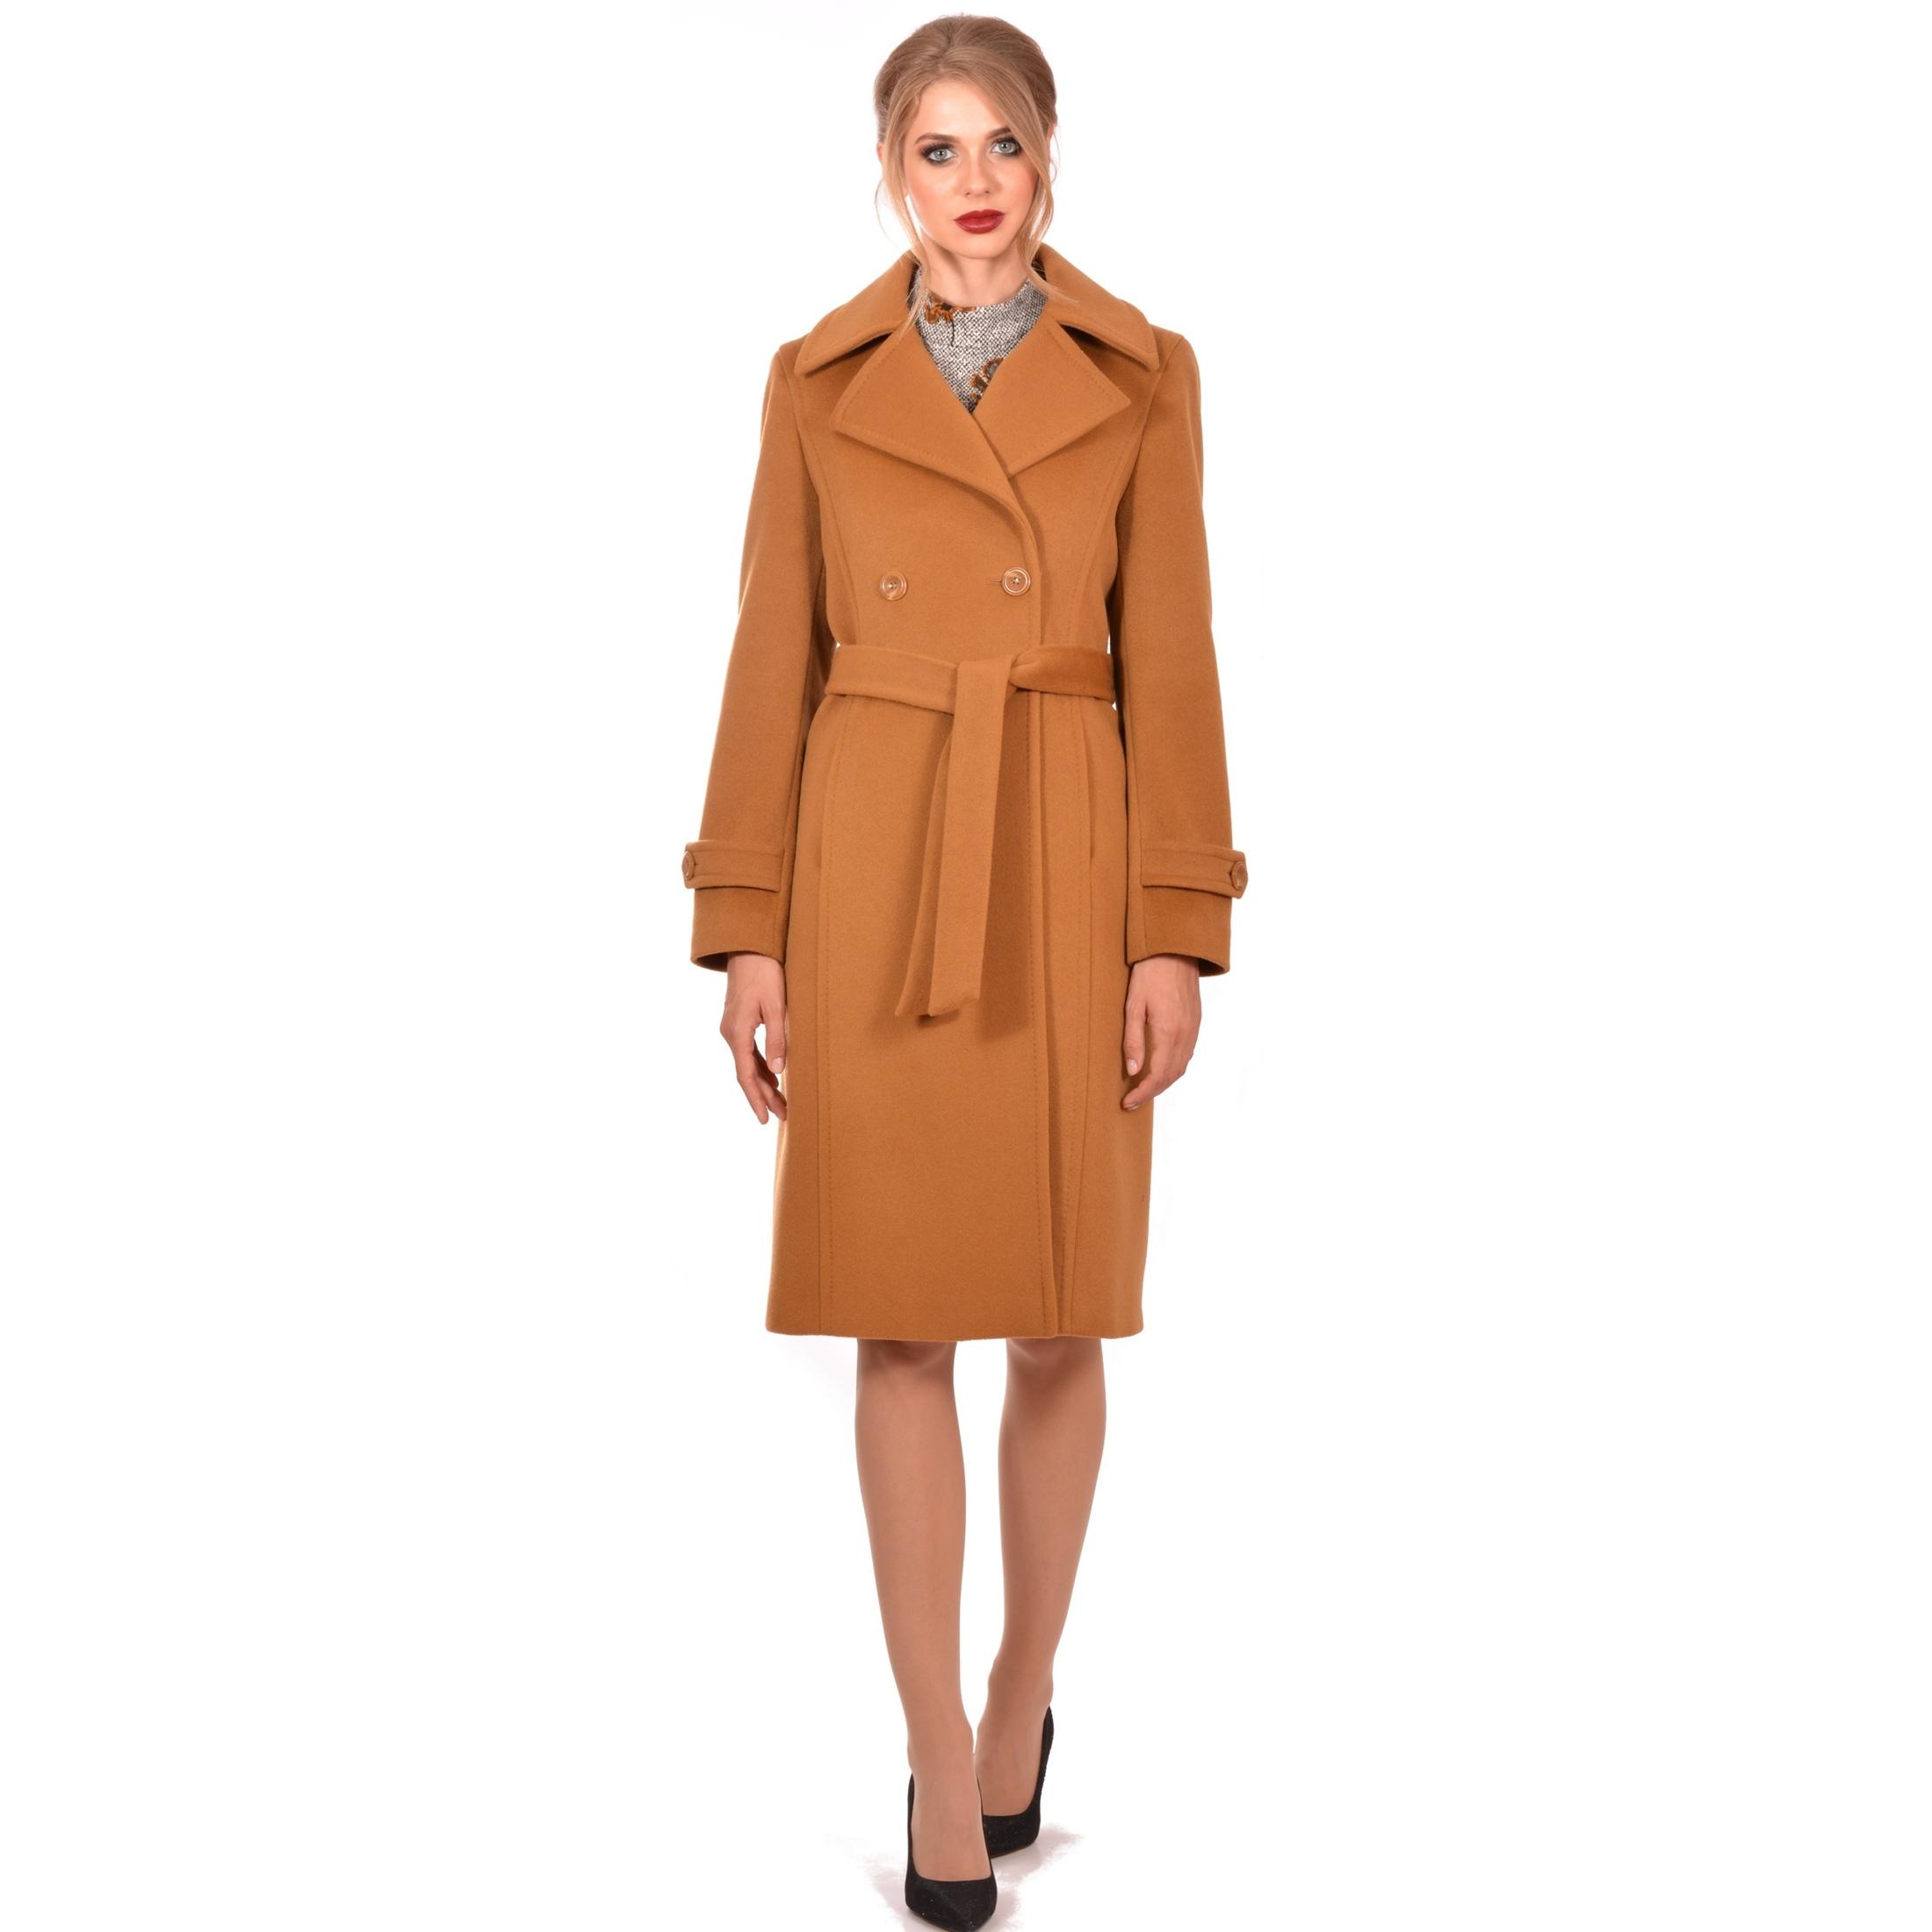 women's camel knee-long coat lady m wool cashmere, ženski kaput lady m do camel do koljena